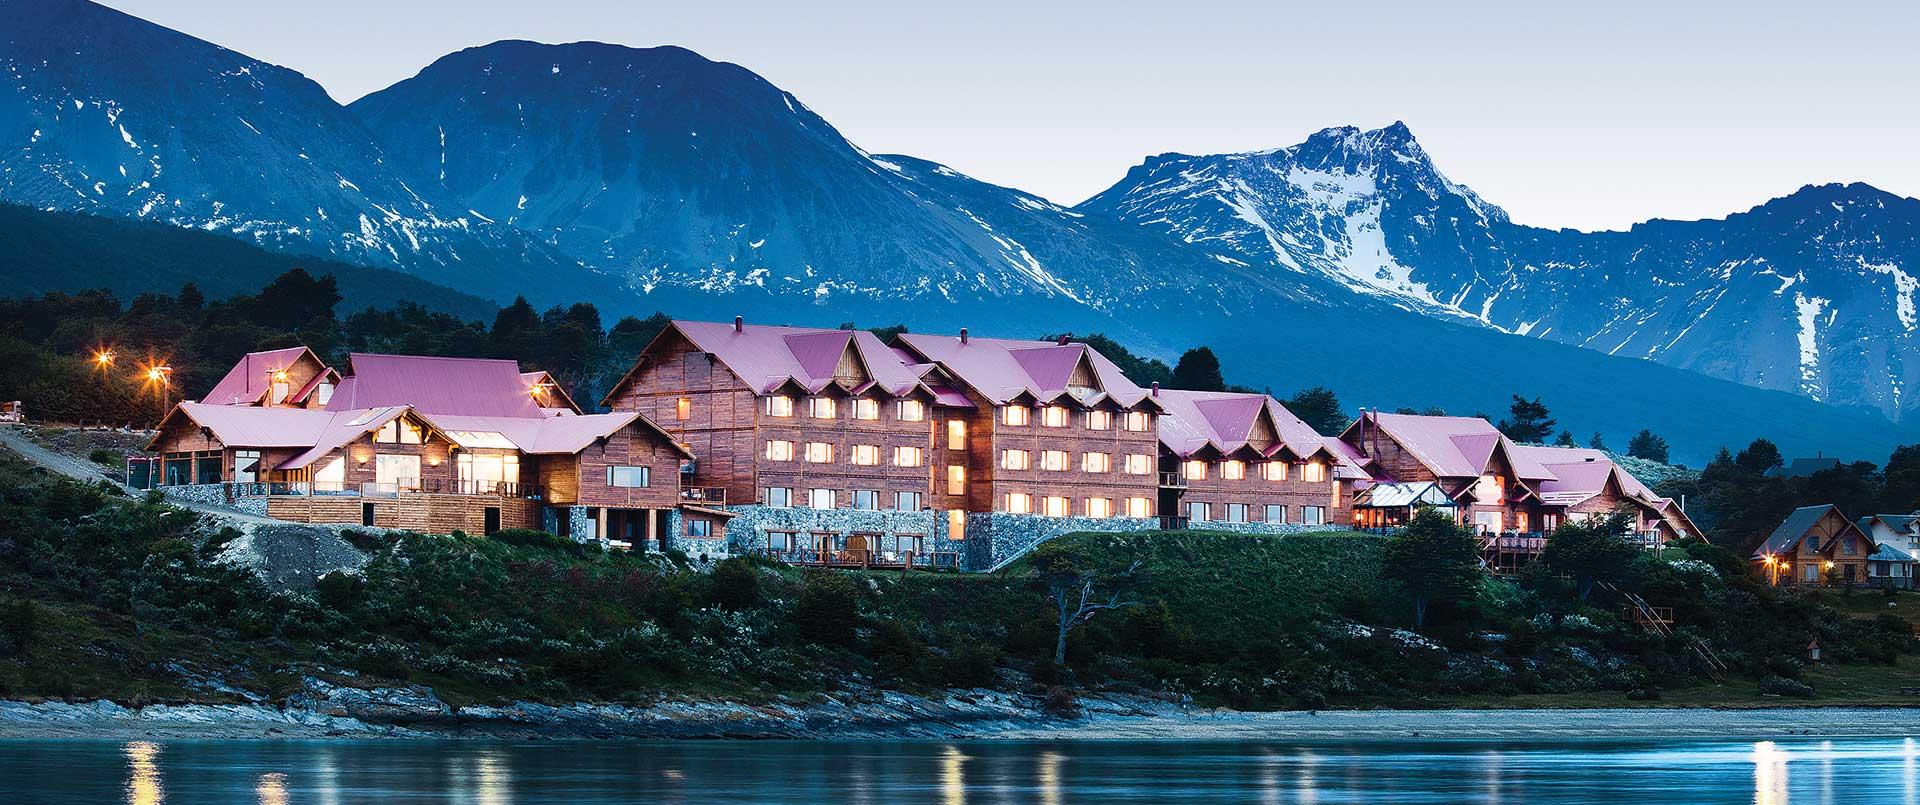 Los Cauquenes, Tierra del Fuego, Patagonia